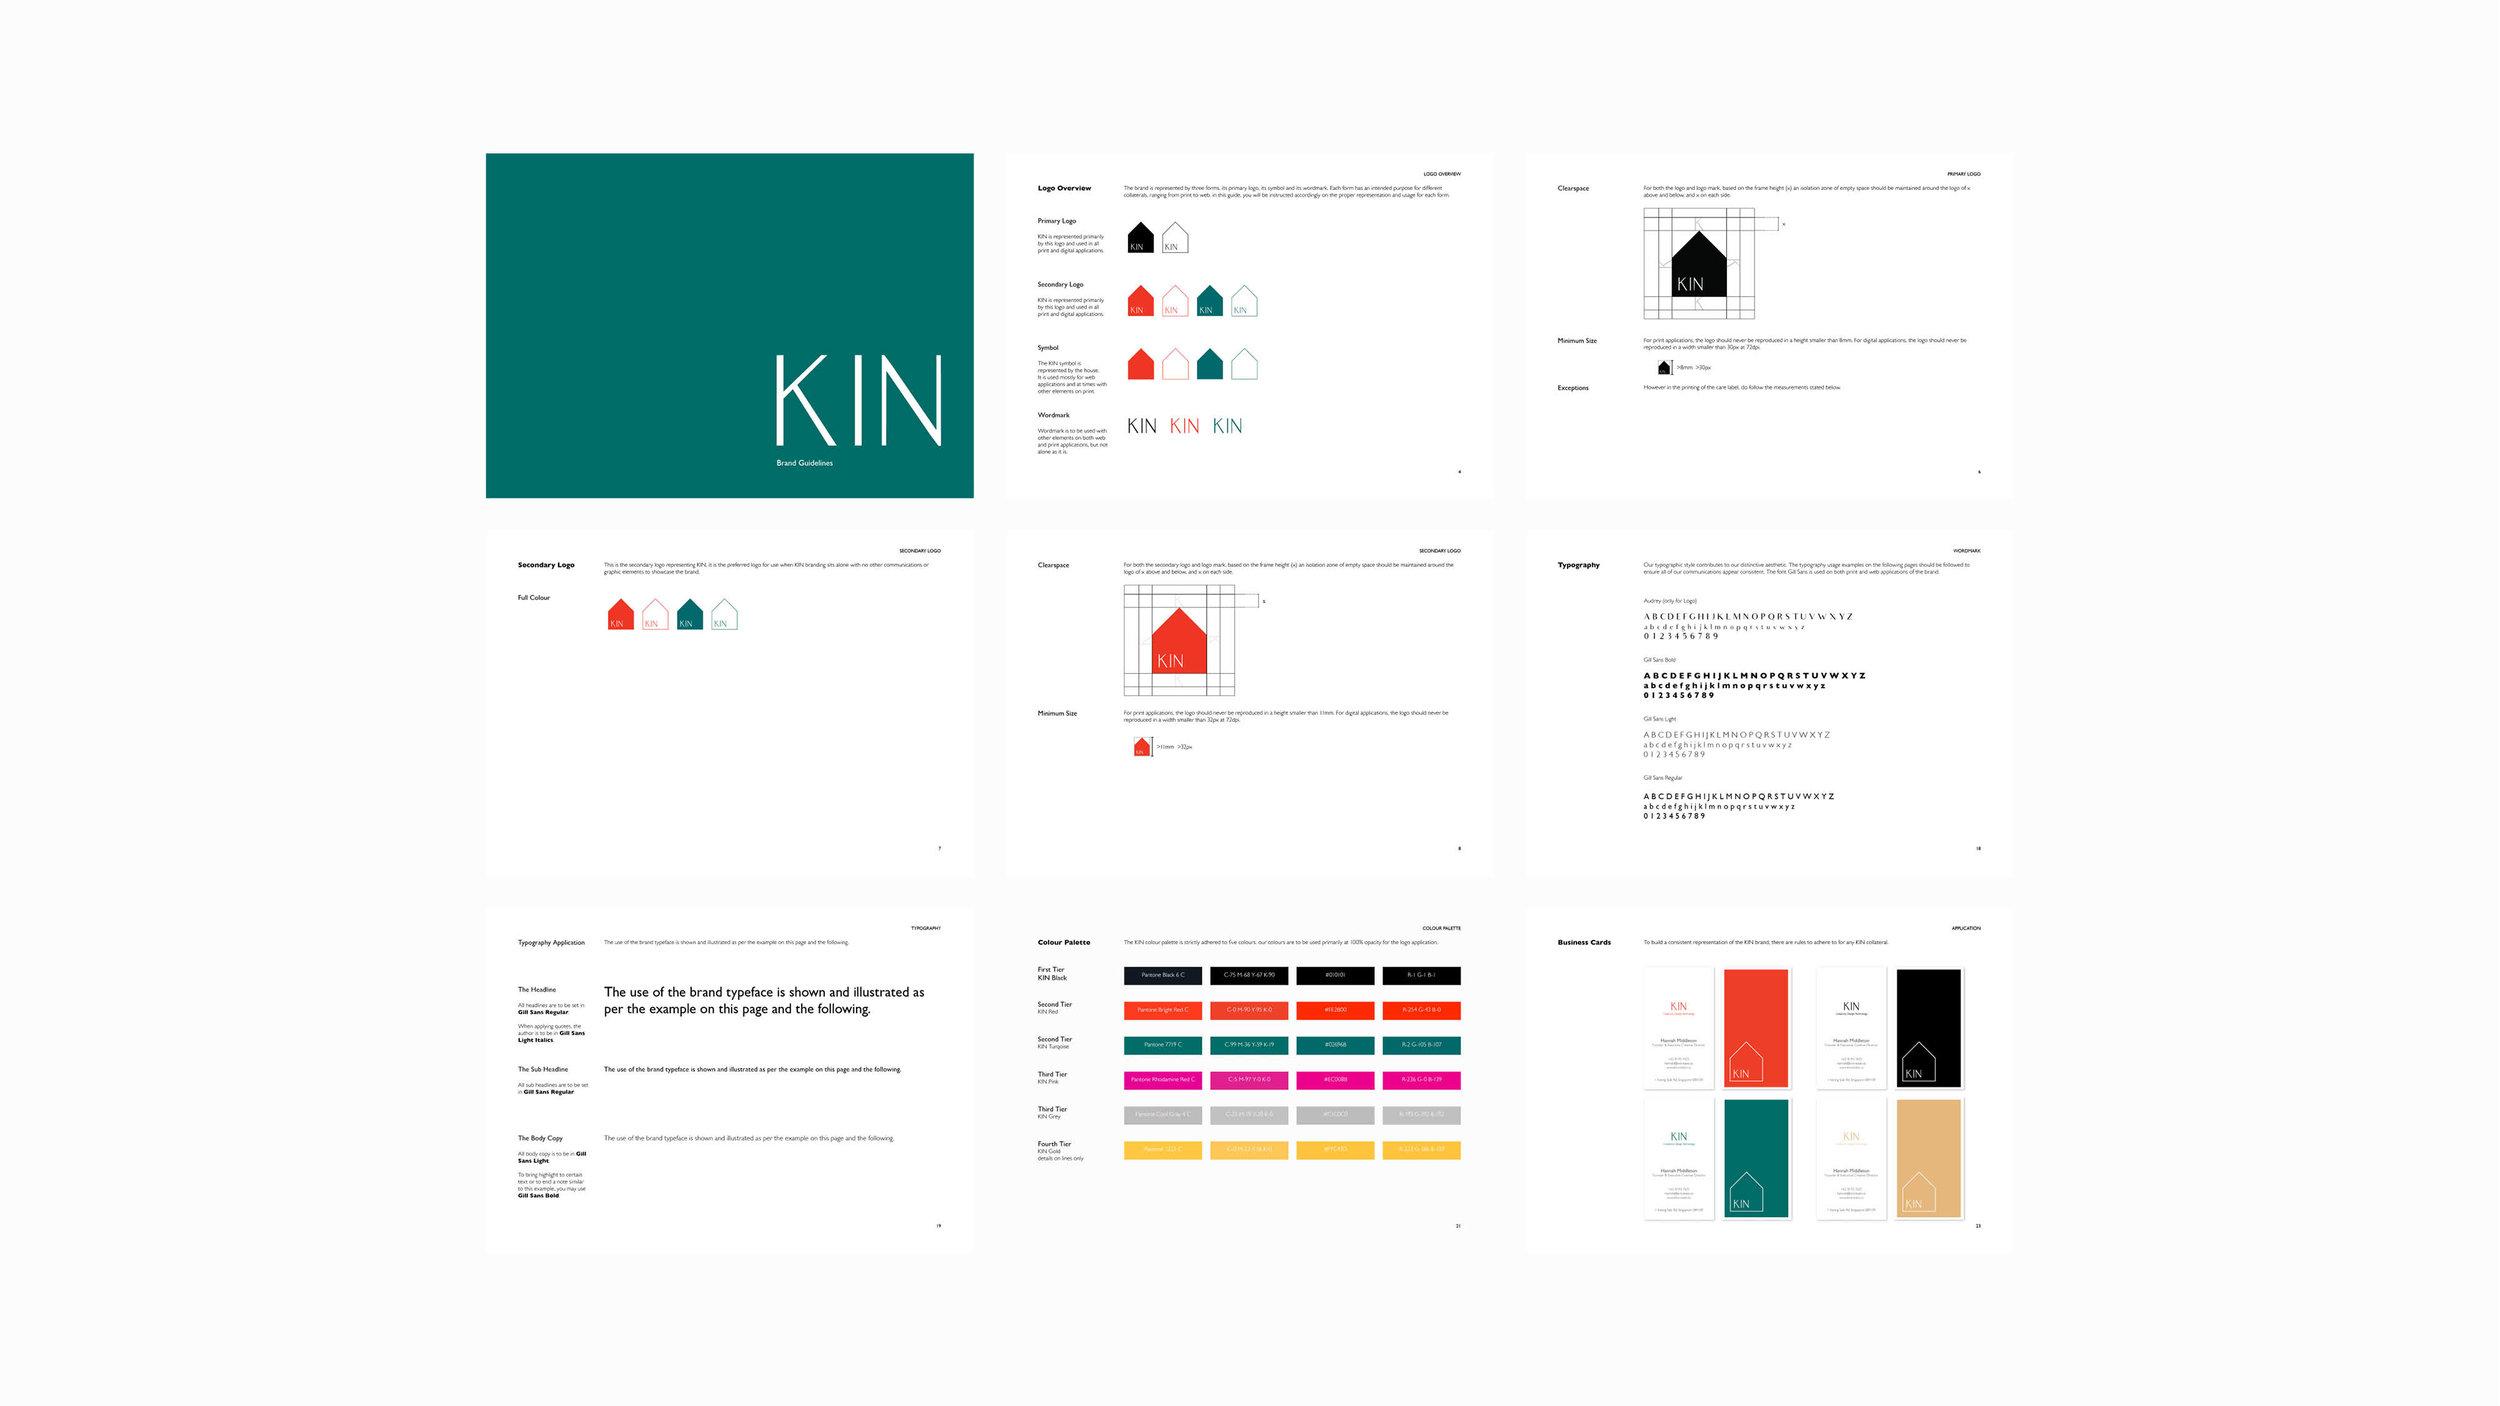 KIN3.jpg